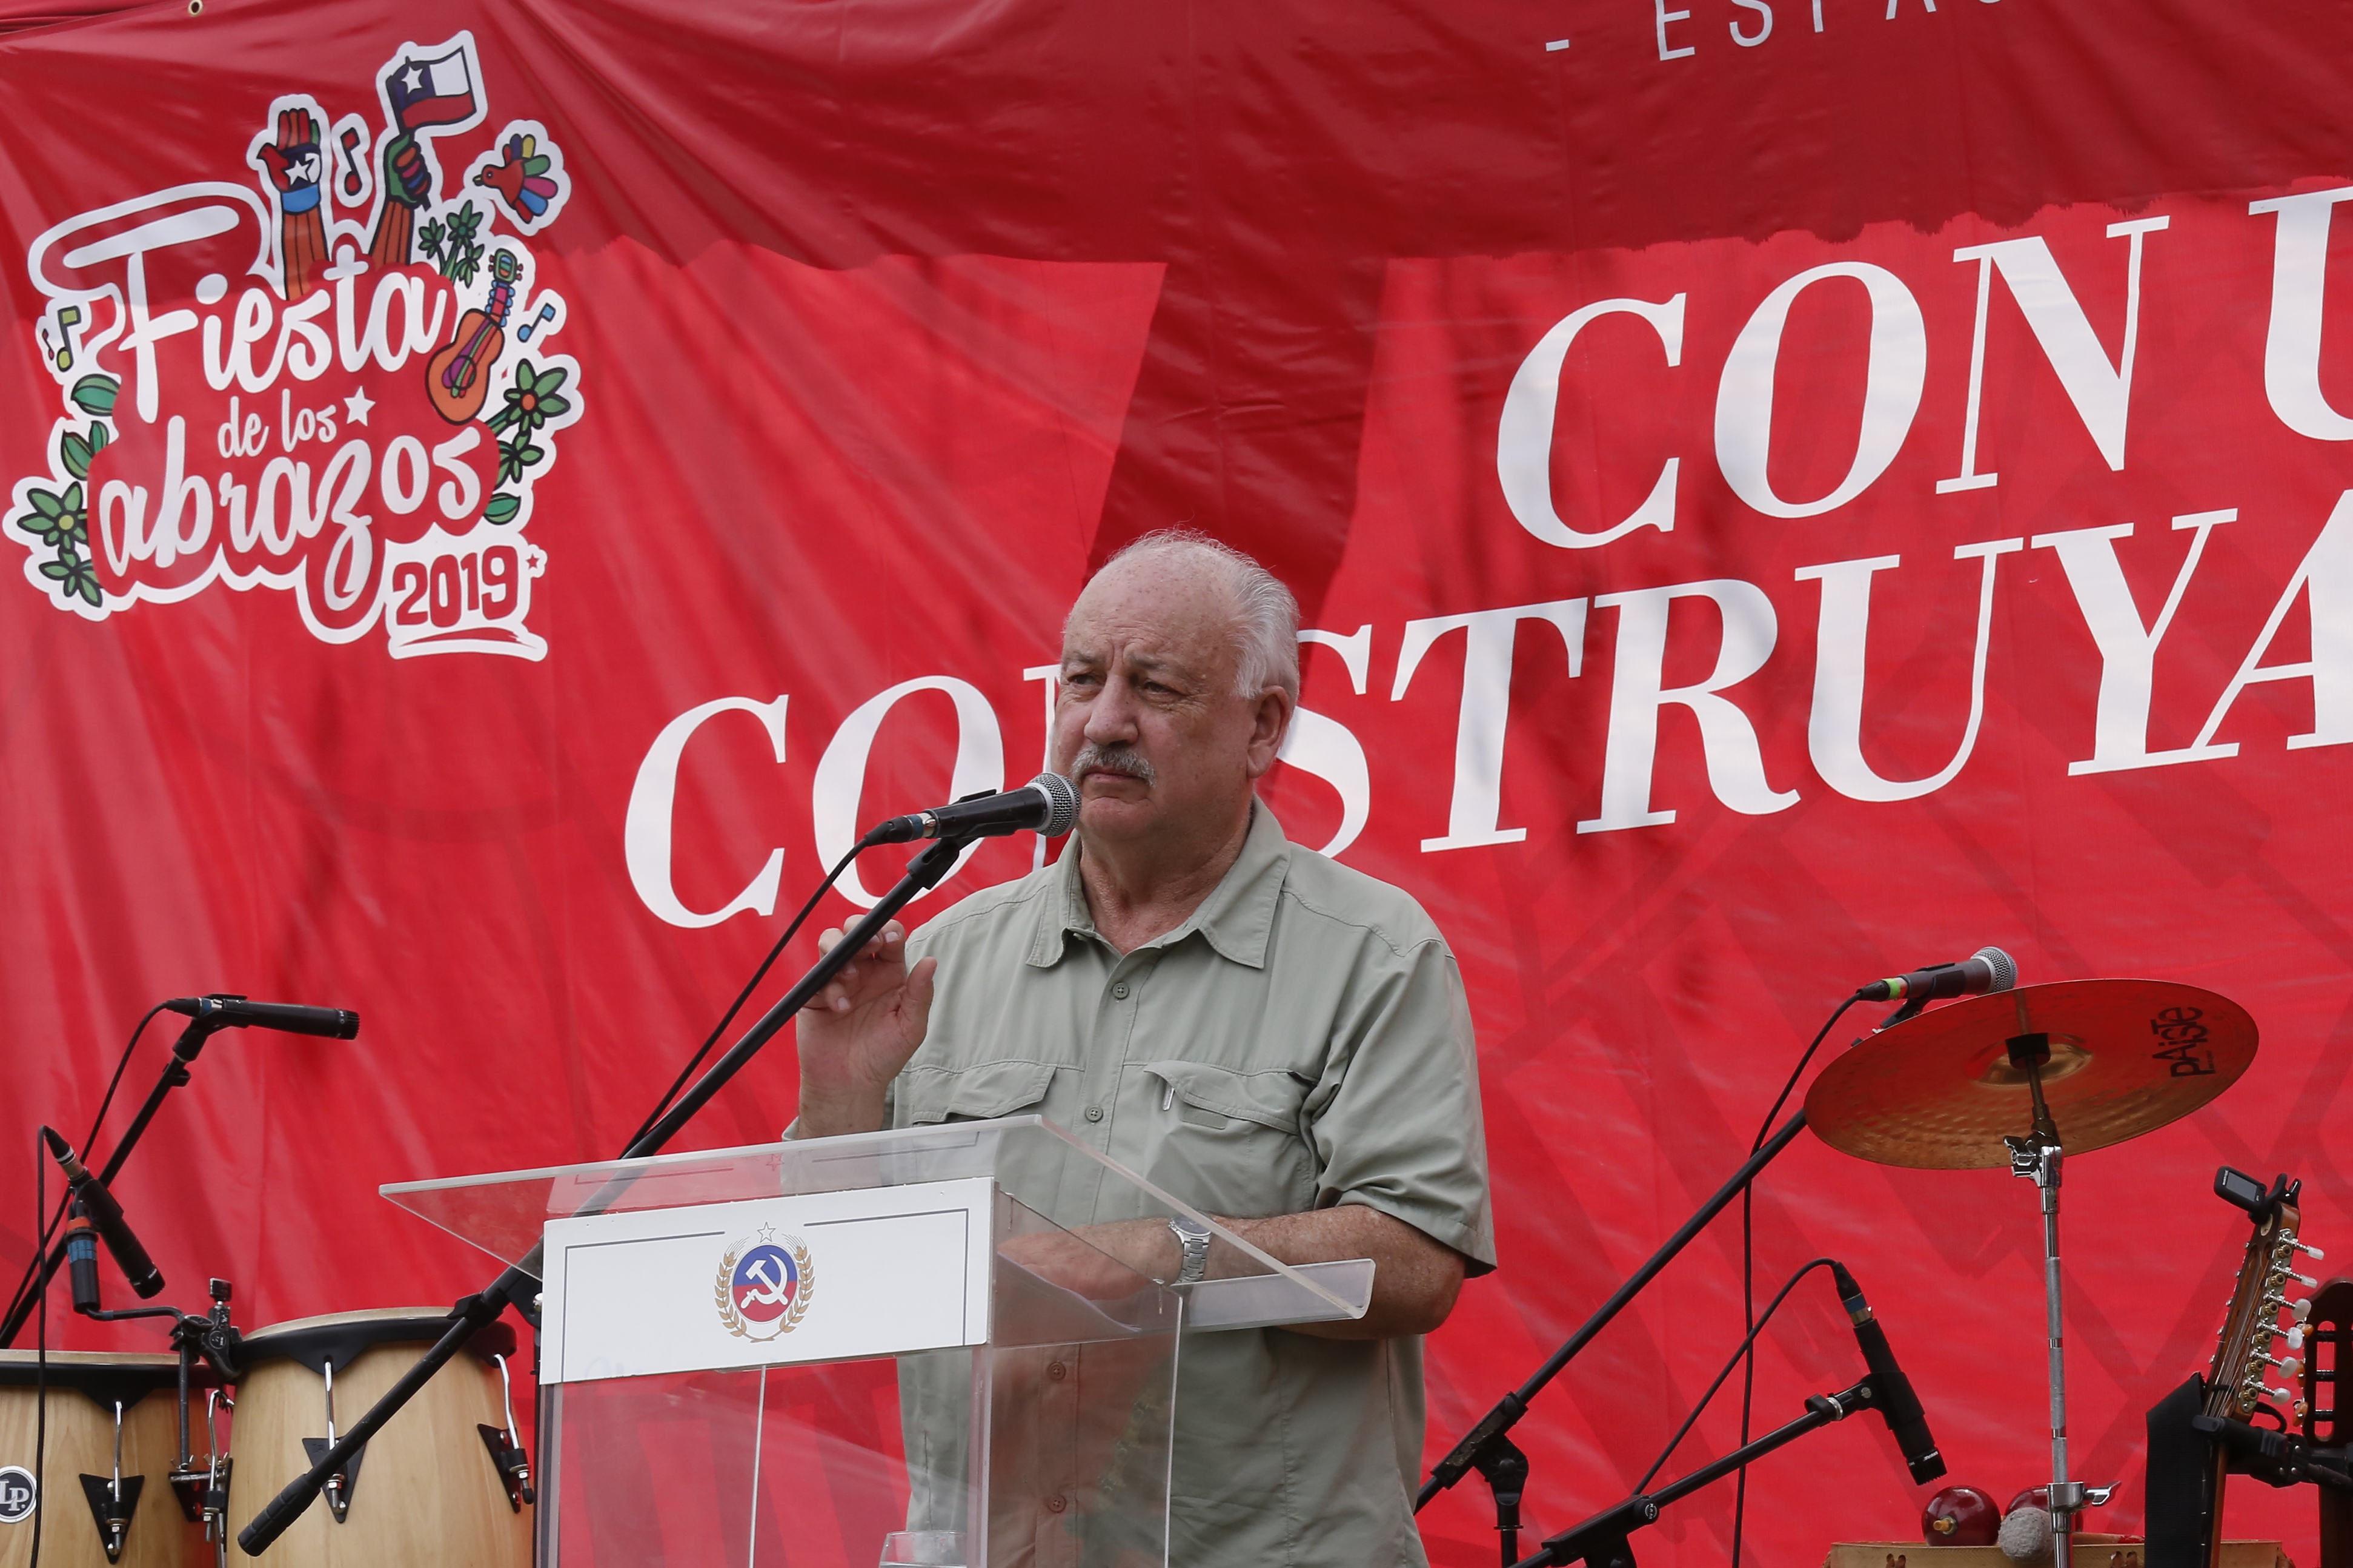 Partido Comunista suspende Fiesta de los Abrazos por falta de garantías de seguridad